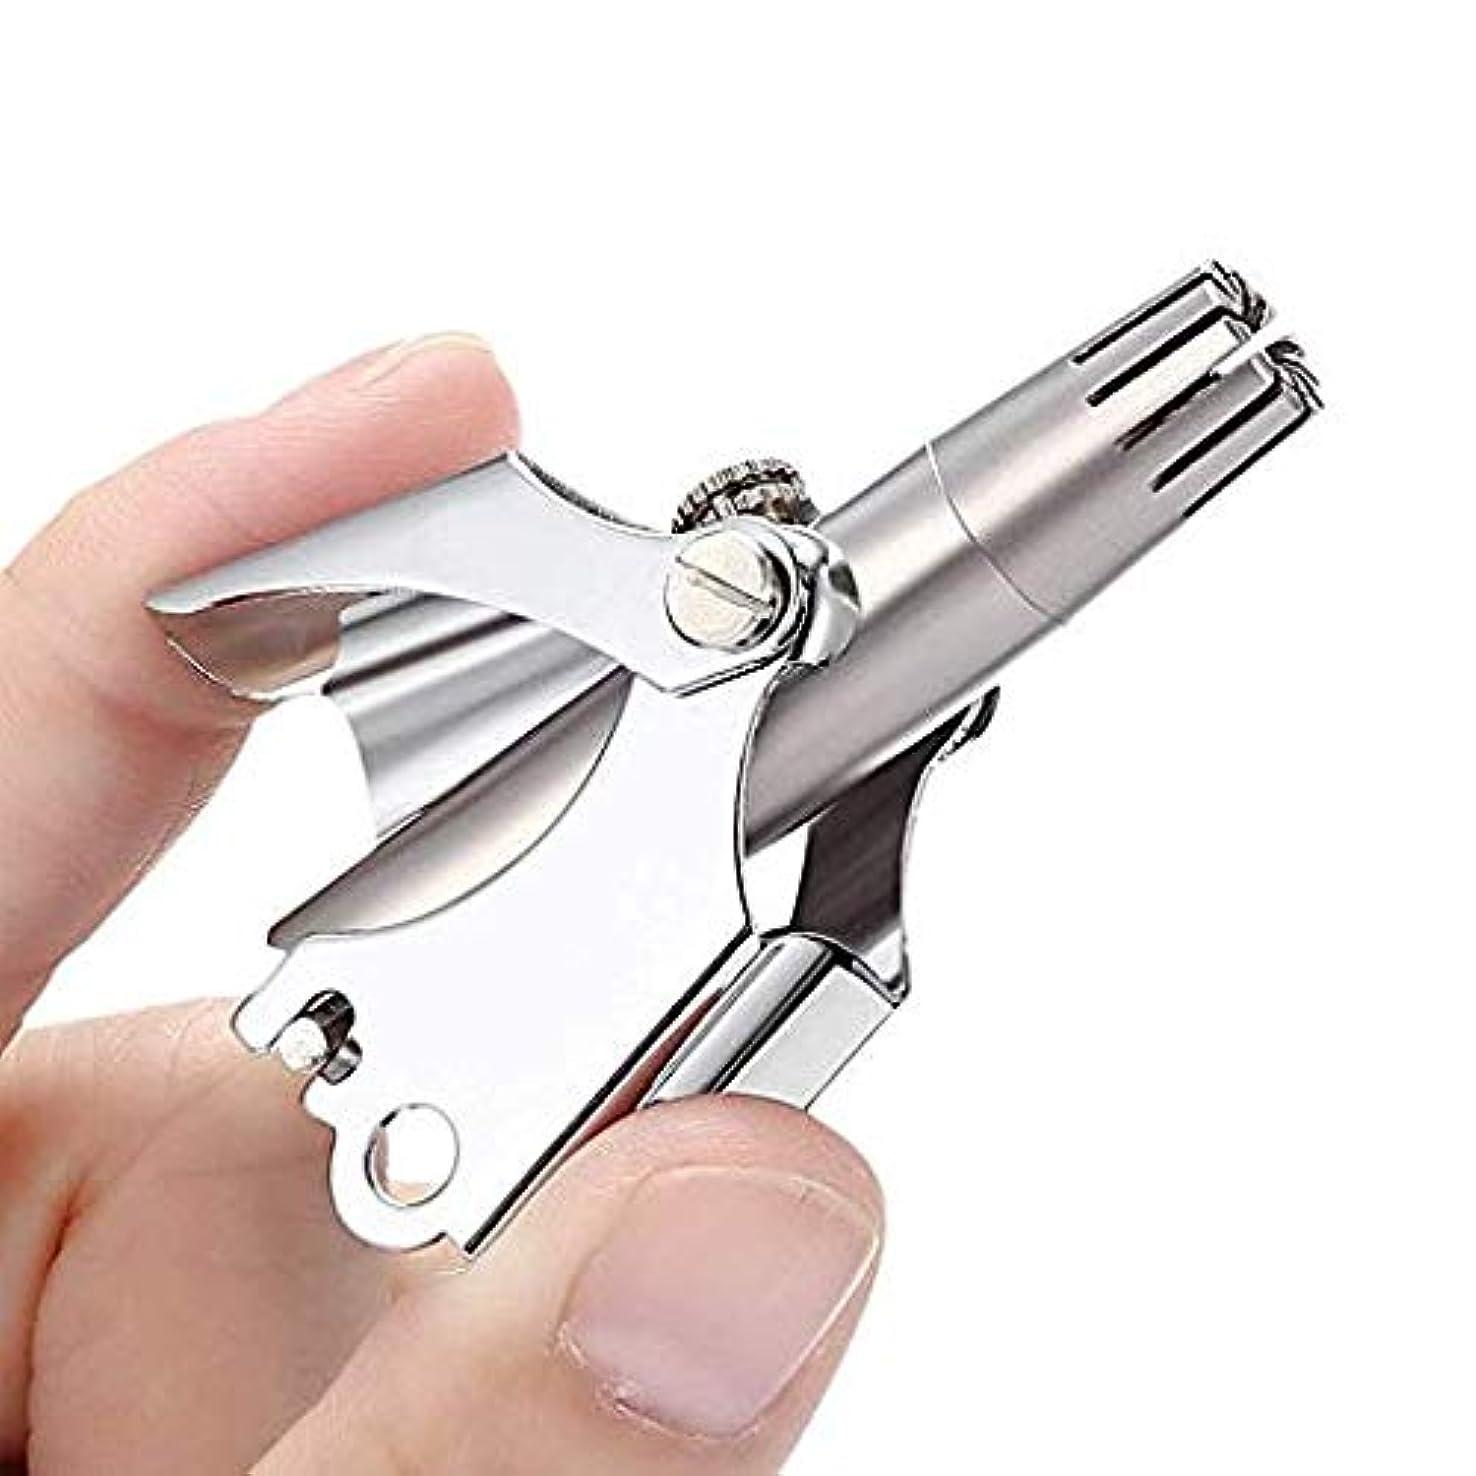 口述調整内部イージークリーニングマニュアルノーズ&イヤーヘアトリマー(バッテリー不要)、男性と女性の安全使用. (Color : Silver)